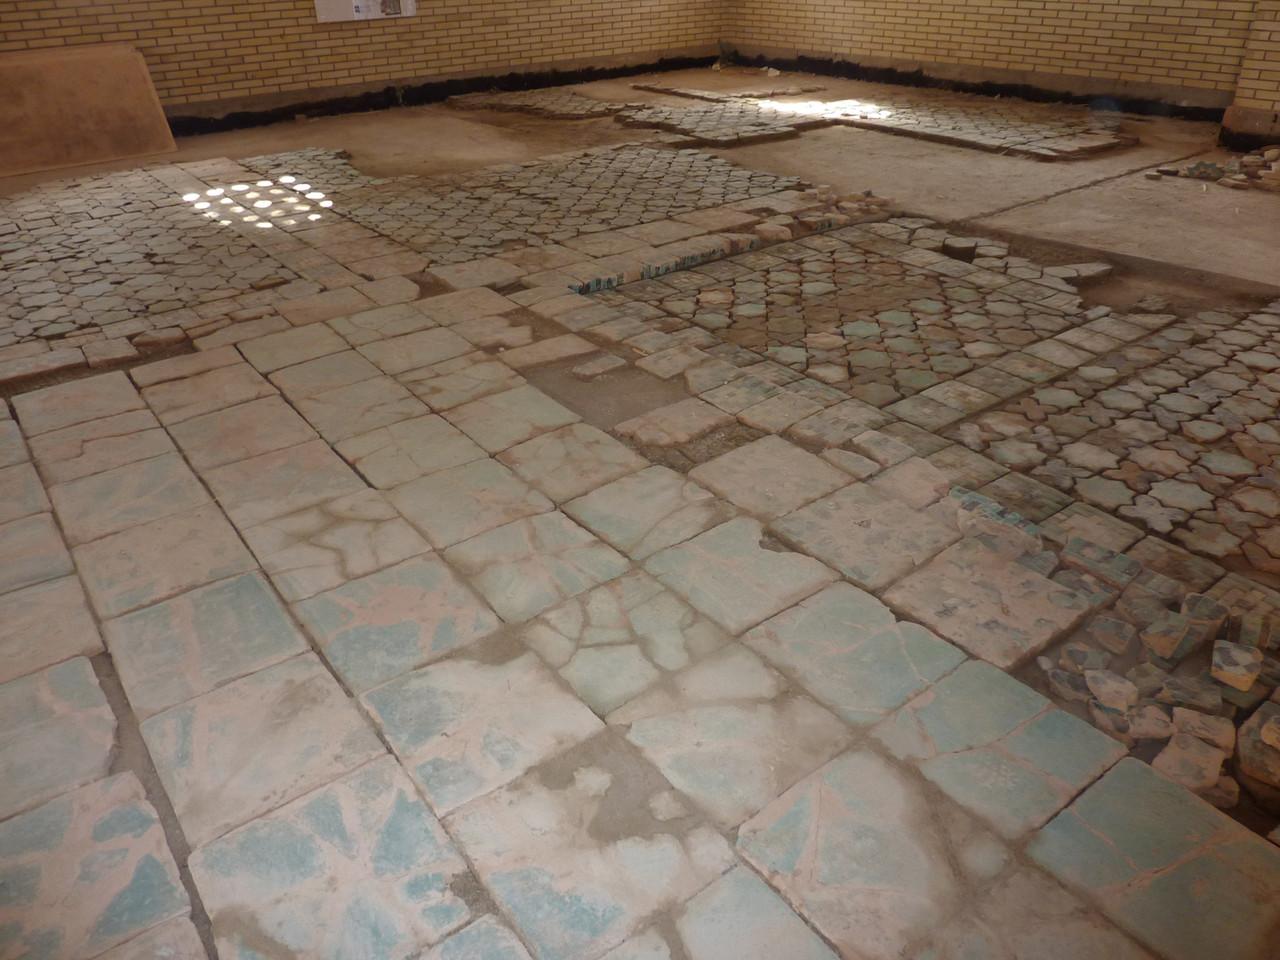 Exemple d'une partie de la zone 2 avec joints en cours de séchage (selon séchage) (Socra, 2013)